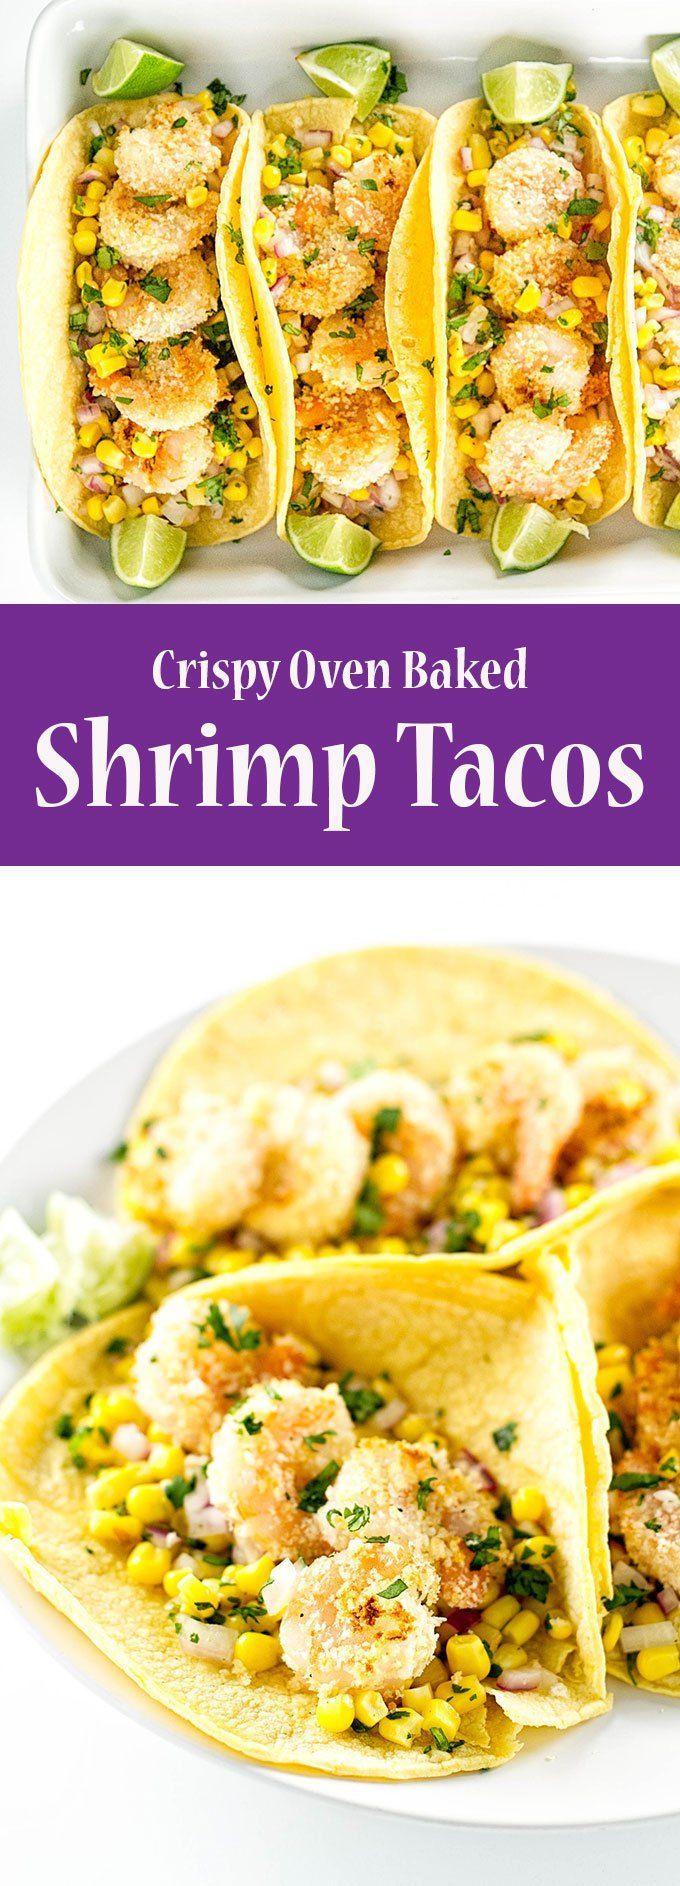 Easy shrimp tacos with corn salsa | girlgonegourmet.com